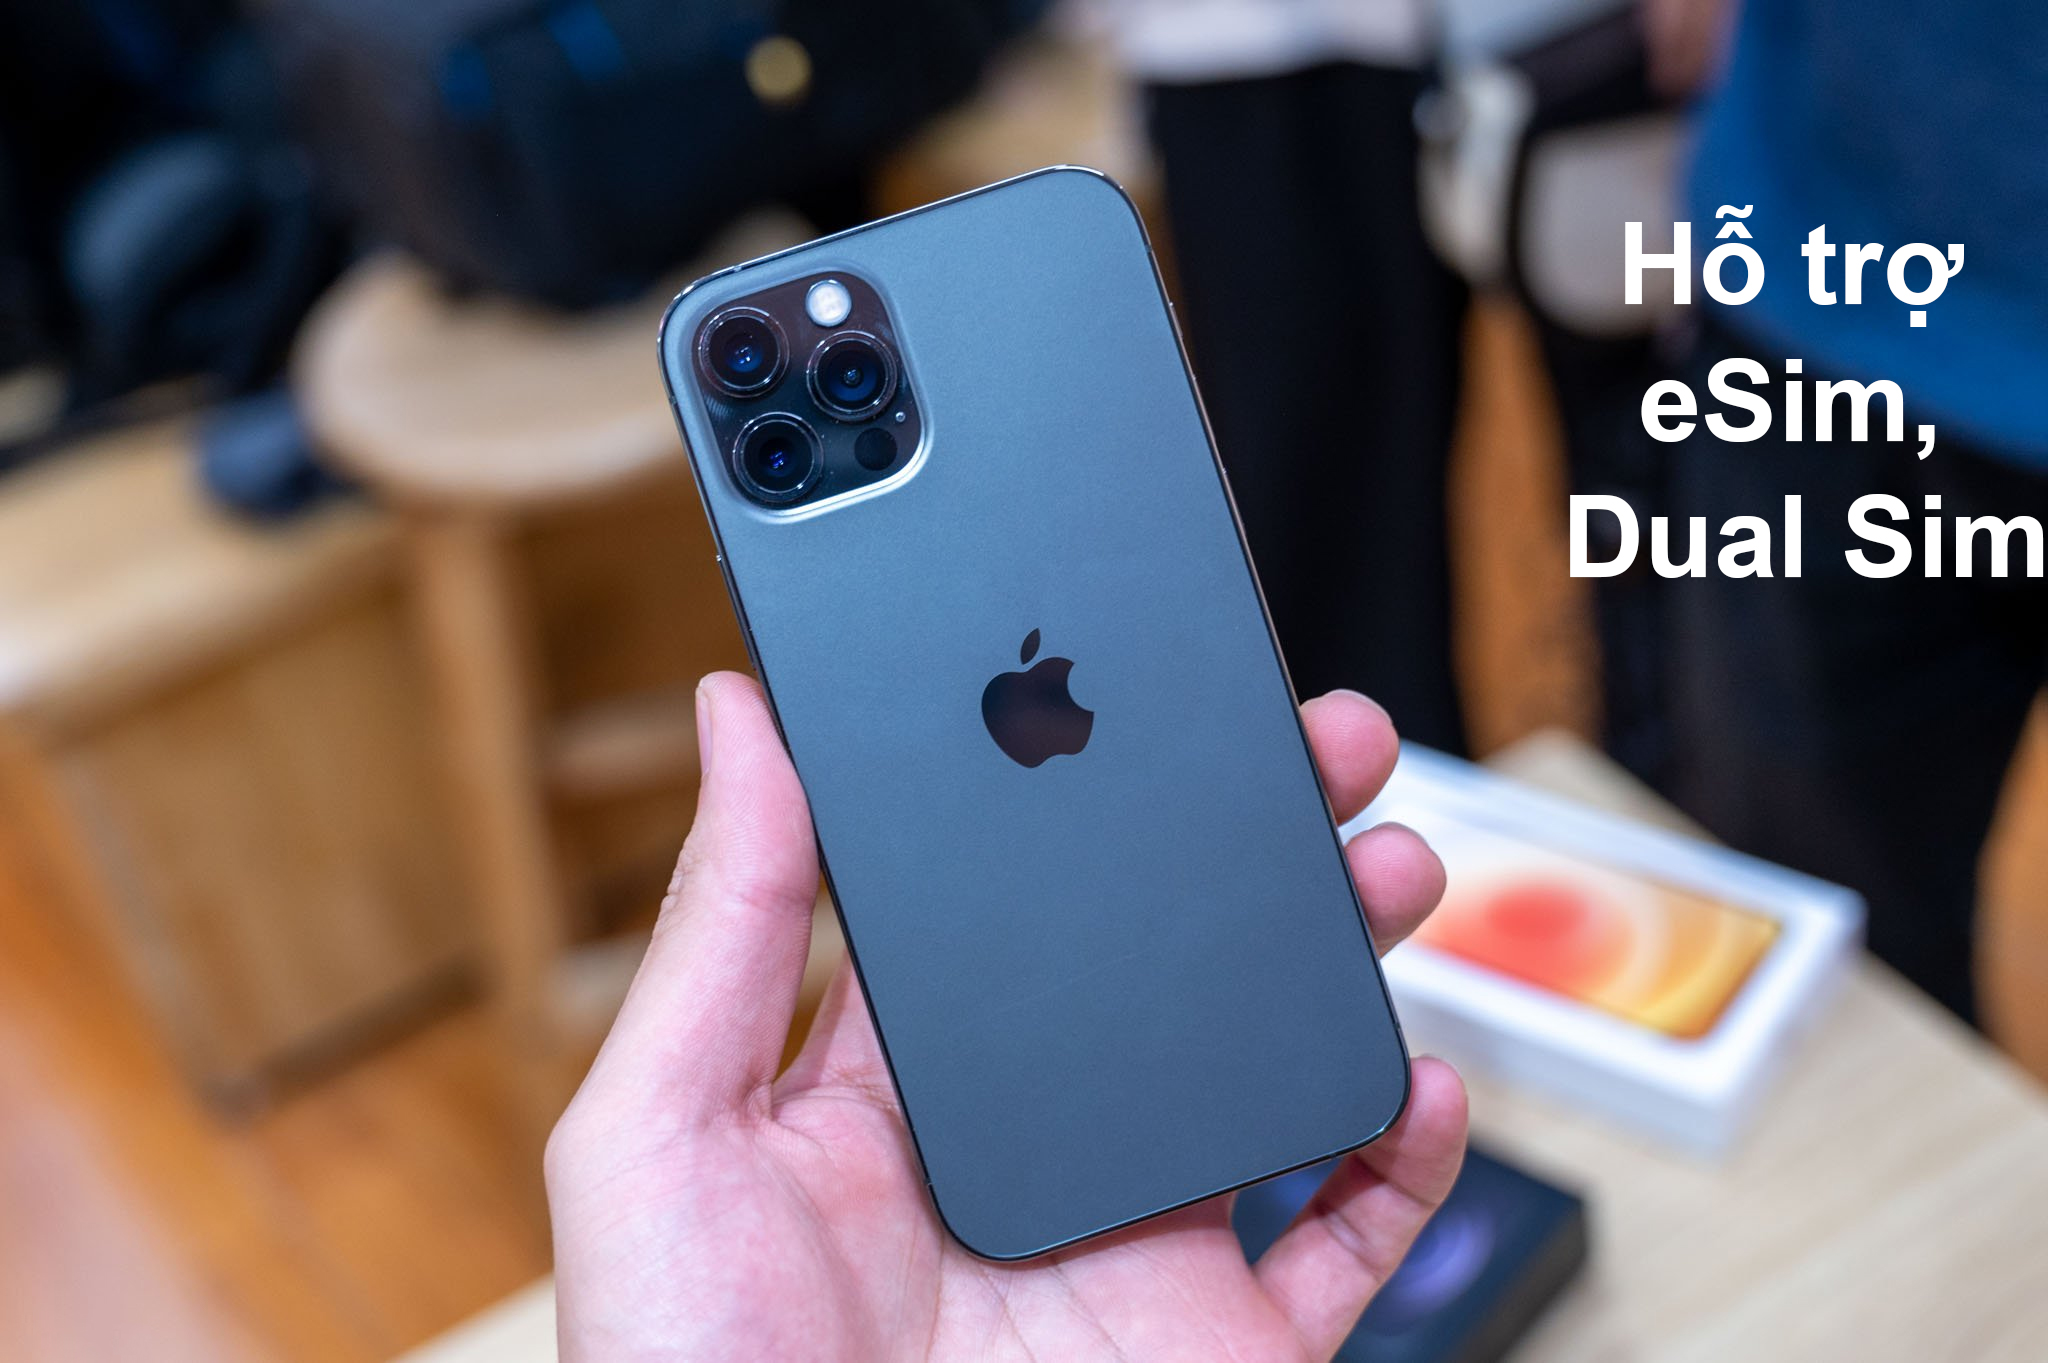 iPhone 12 Pro Max 128 GB | Hỗ trợ eSim